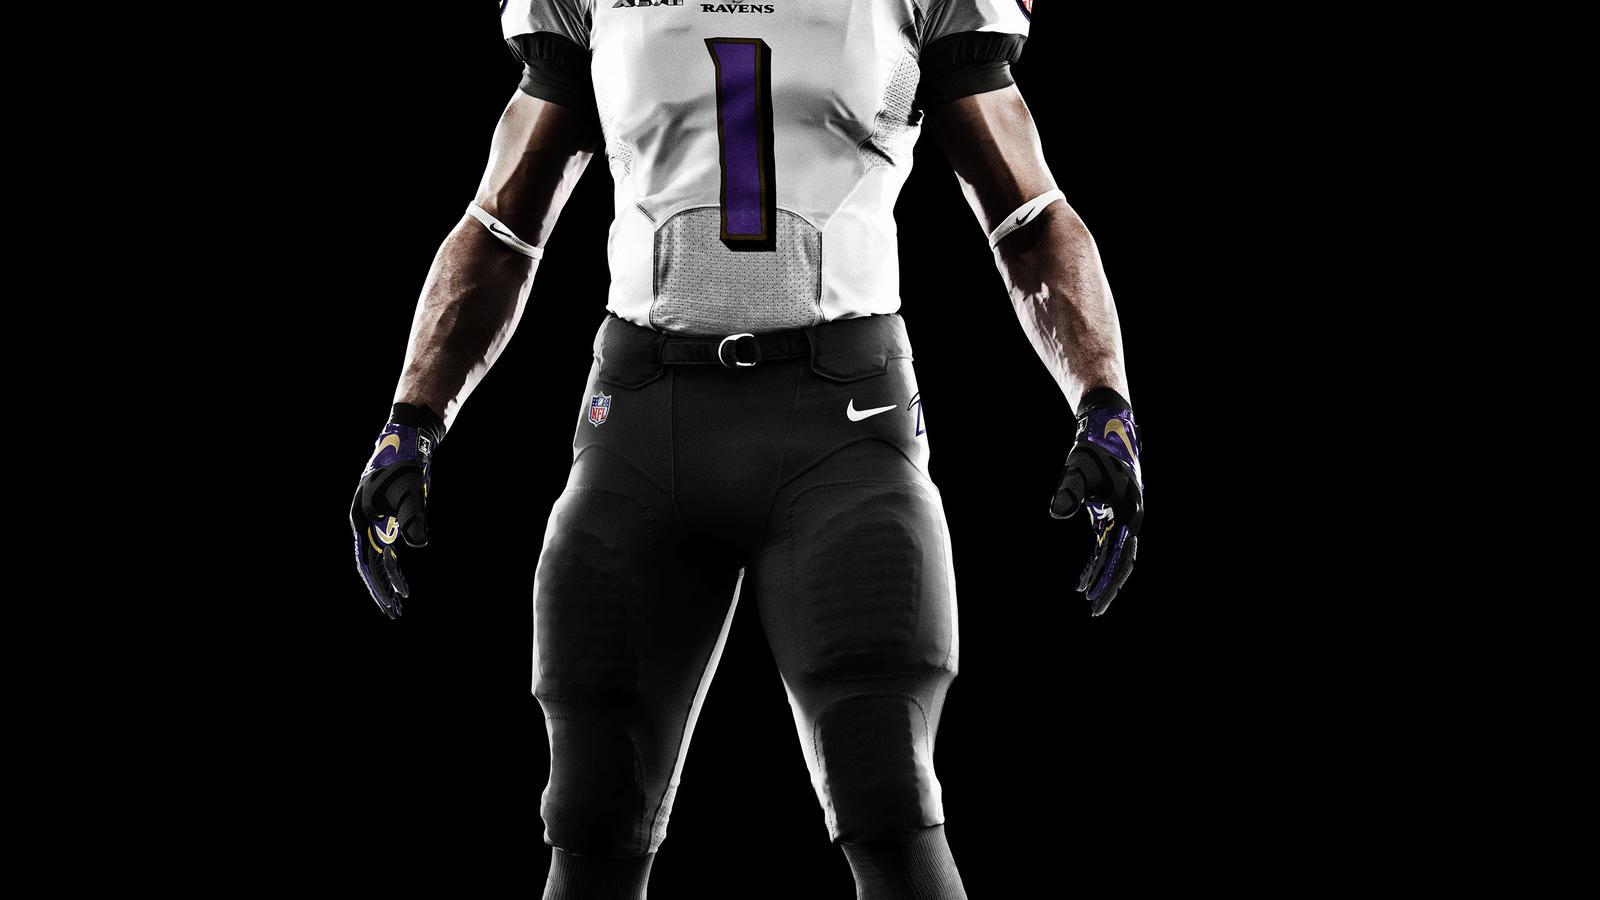 Ravens_Super_Bowl_Uniform